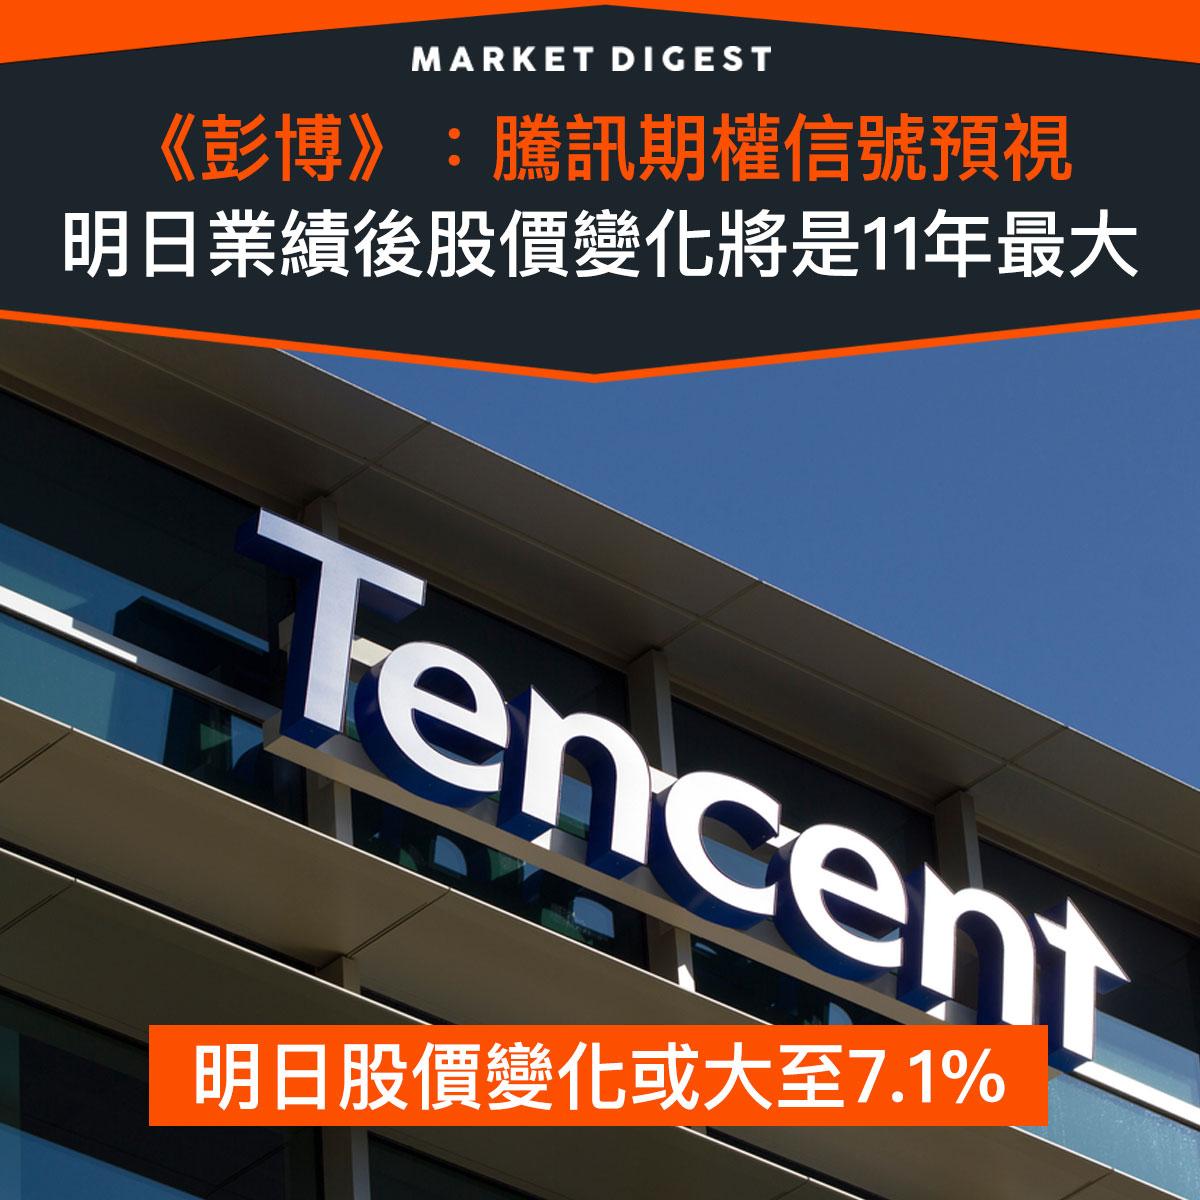 【市場熱話】《彭博》:騰訊期權信號預視明日業績後股價變化將是11年最大